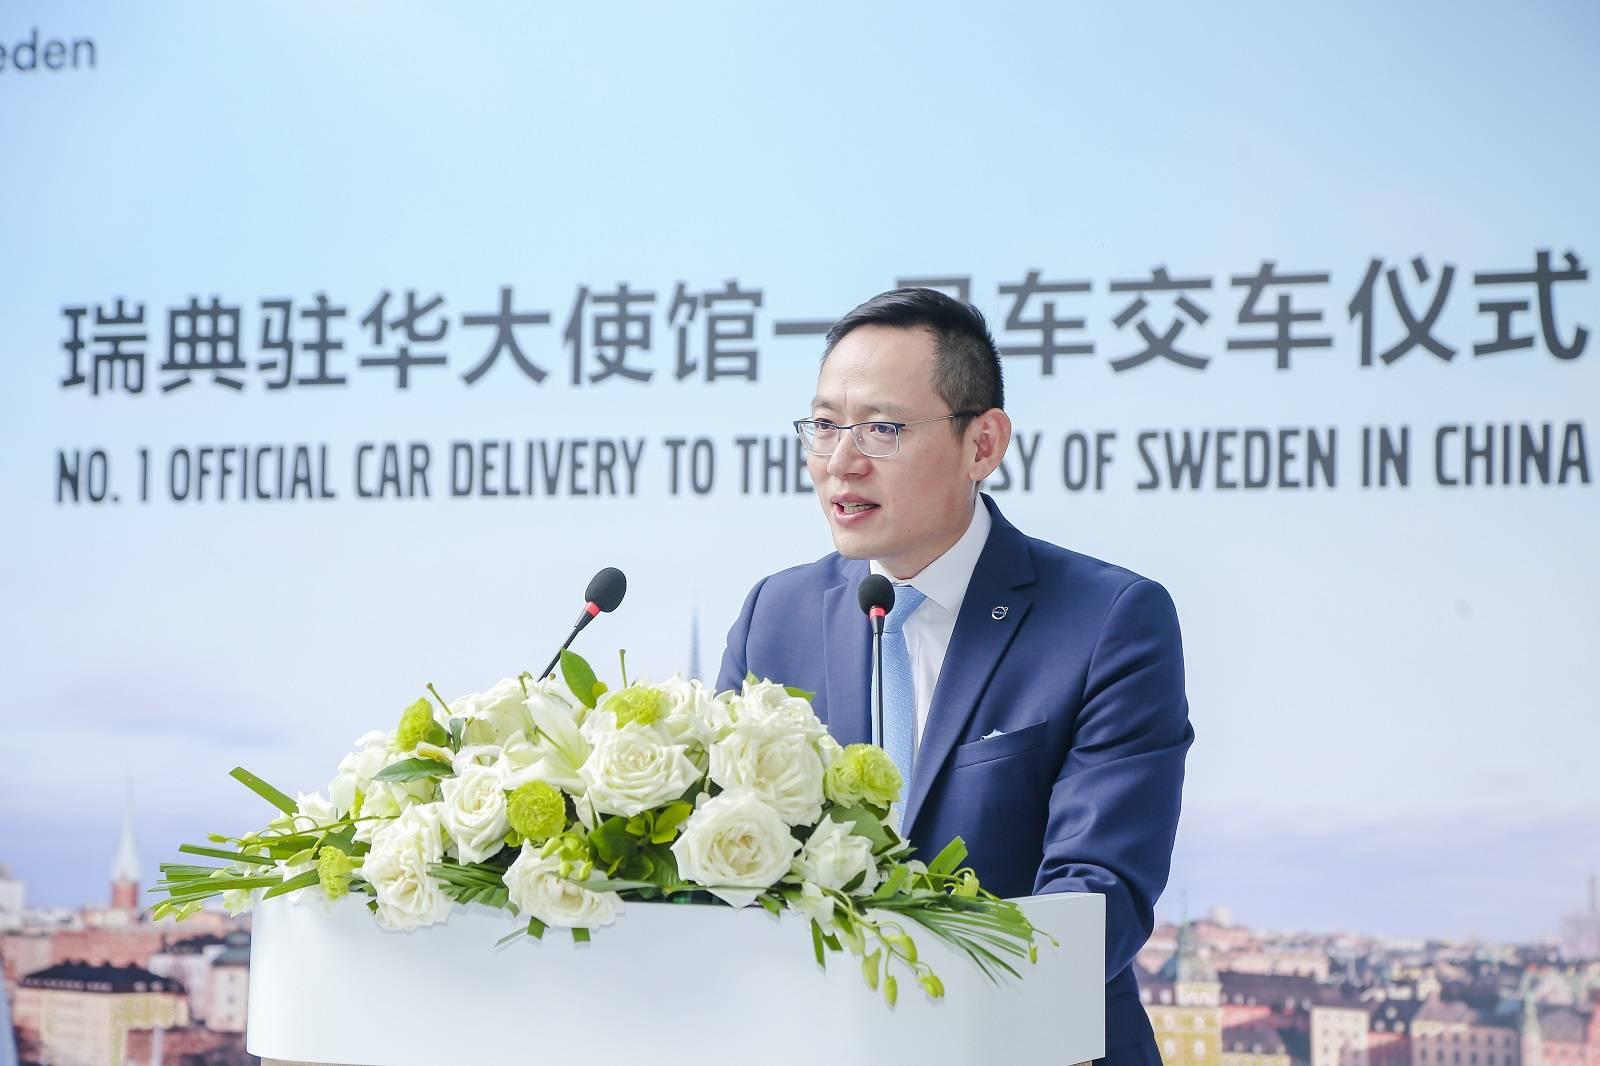 宇尘说车│沃尔沃汽车向瑞典驻华大使馆交付S90一号公务用车